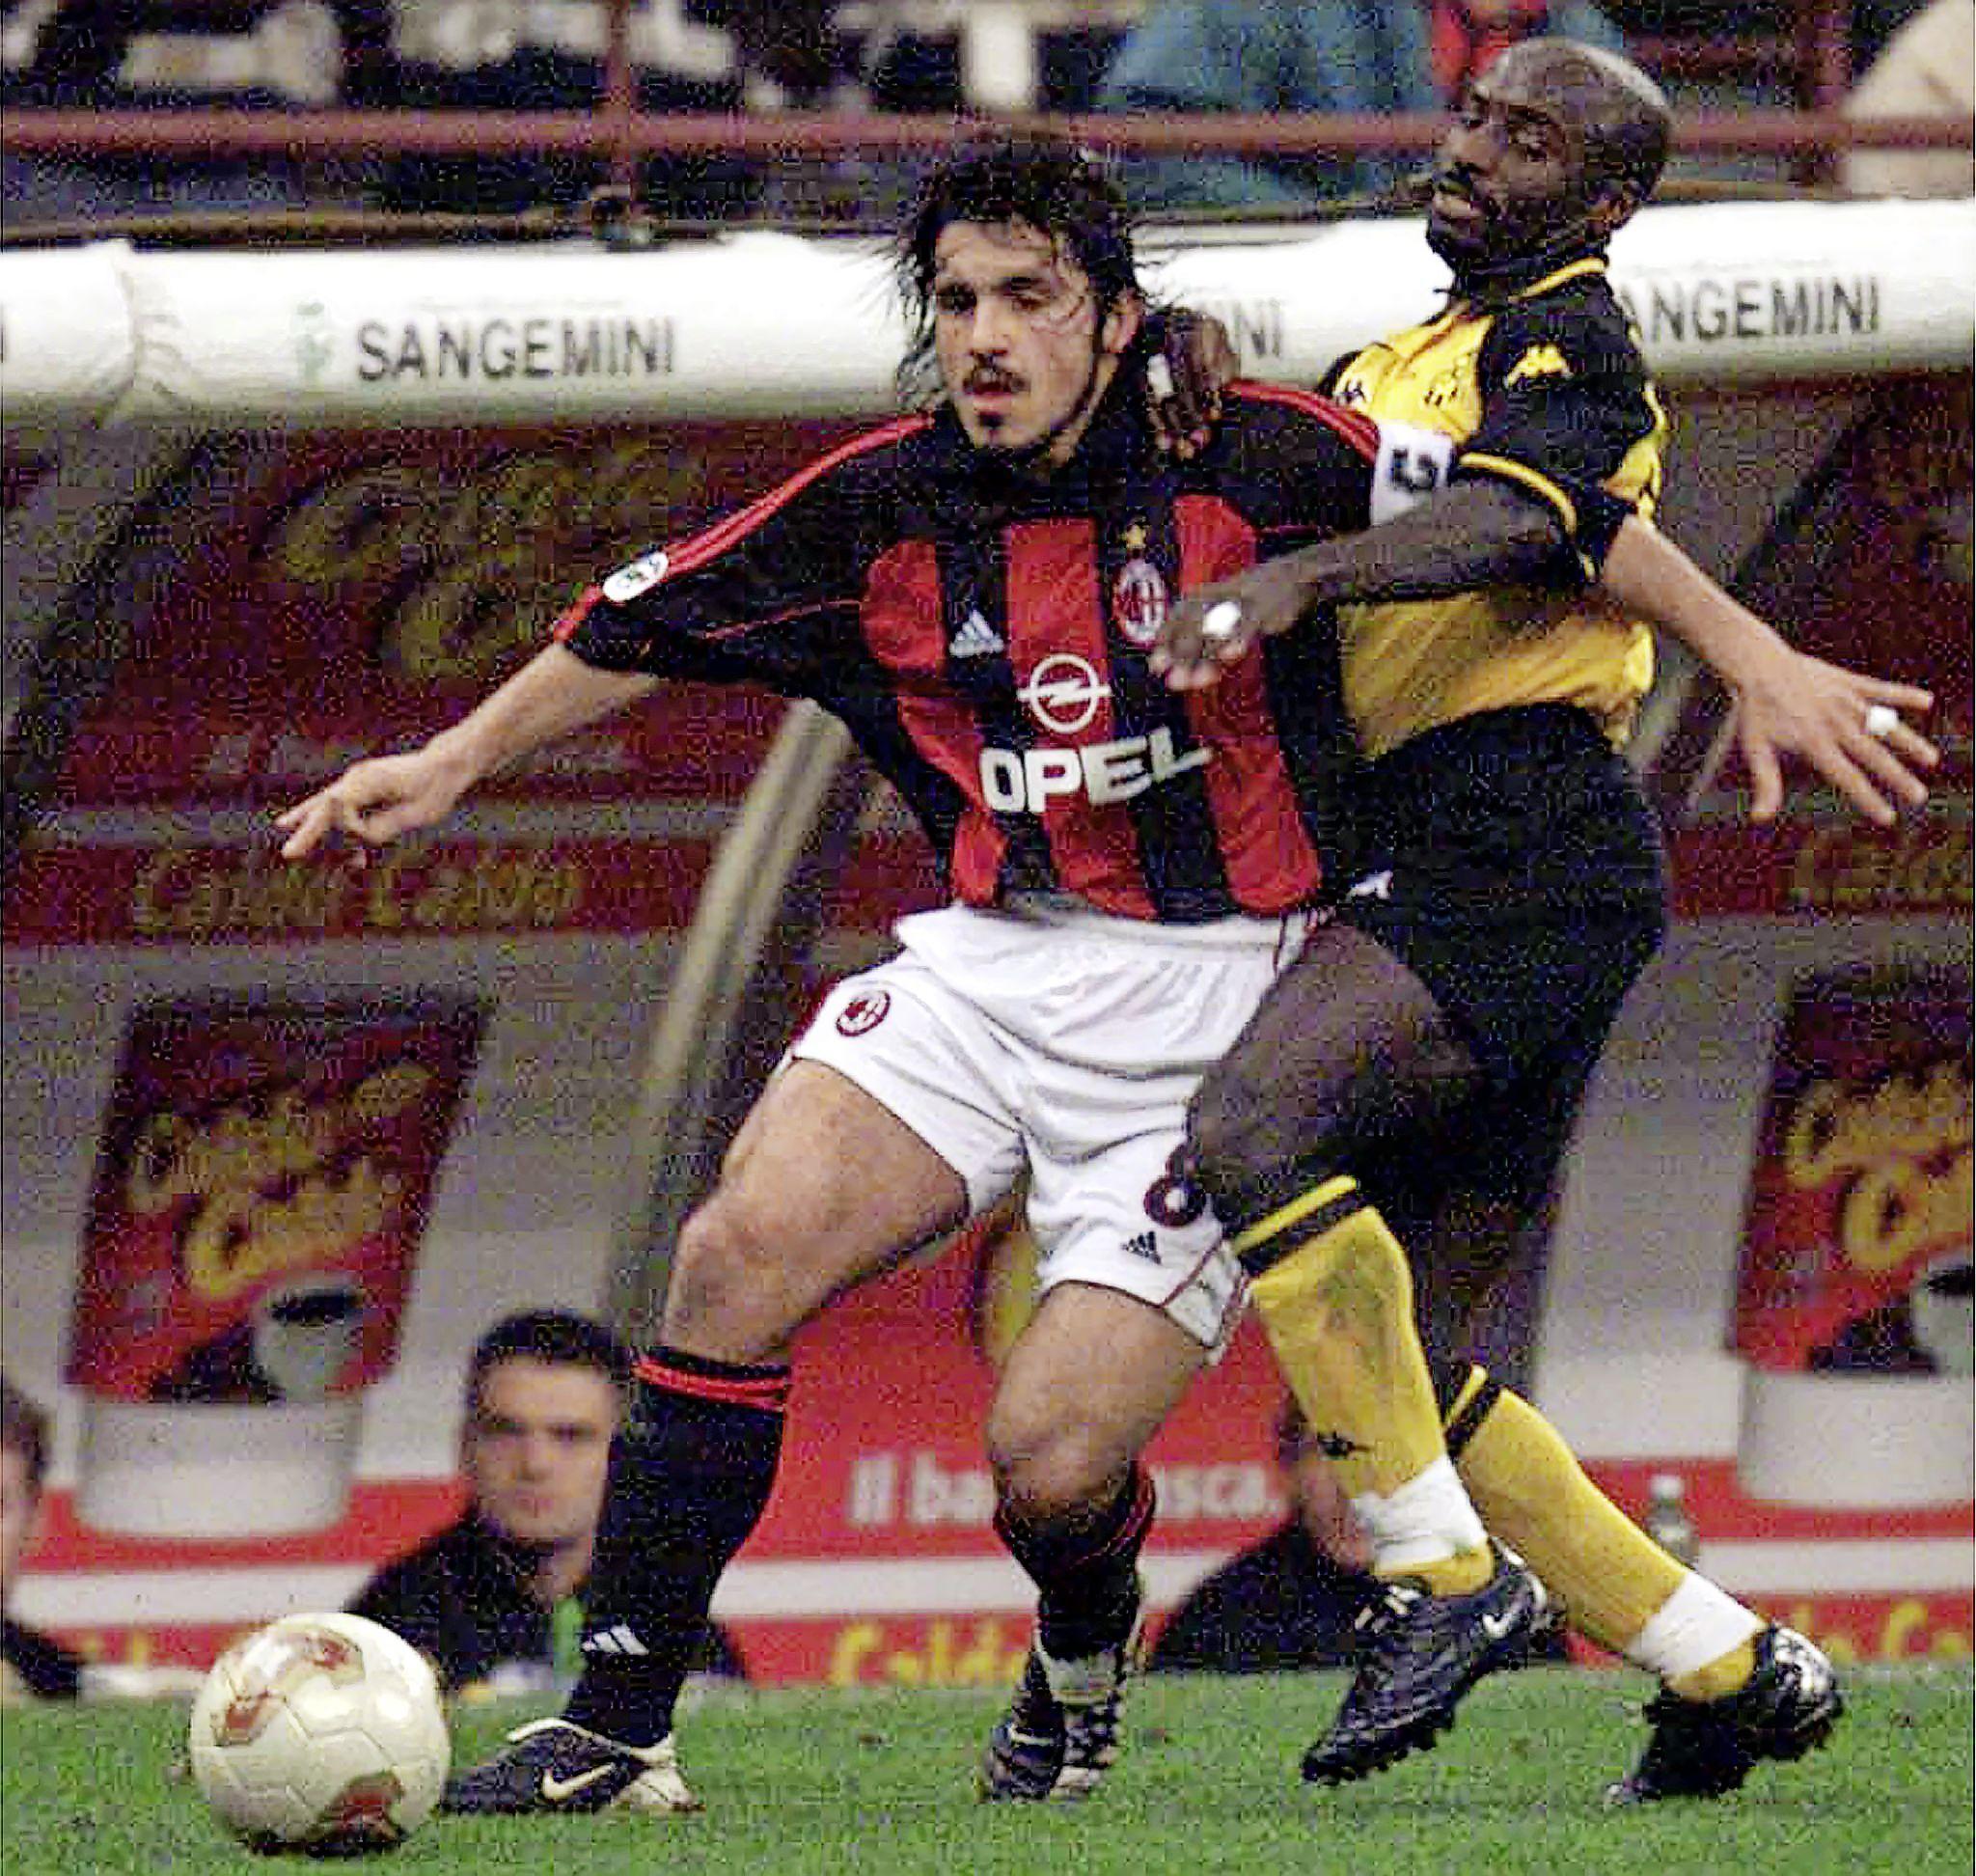 Op deze dag in 2002: Sensatie in San Siro eindigt in een drama voor boven zichzelf uitstijgende Željko Kalac en Roda JC